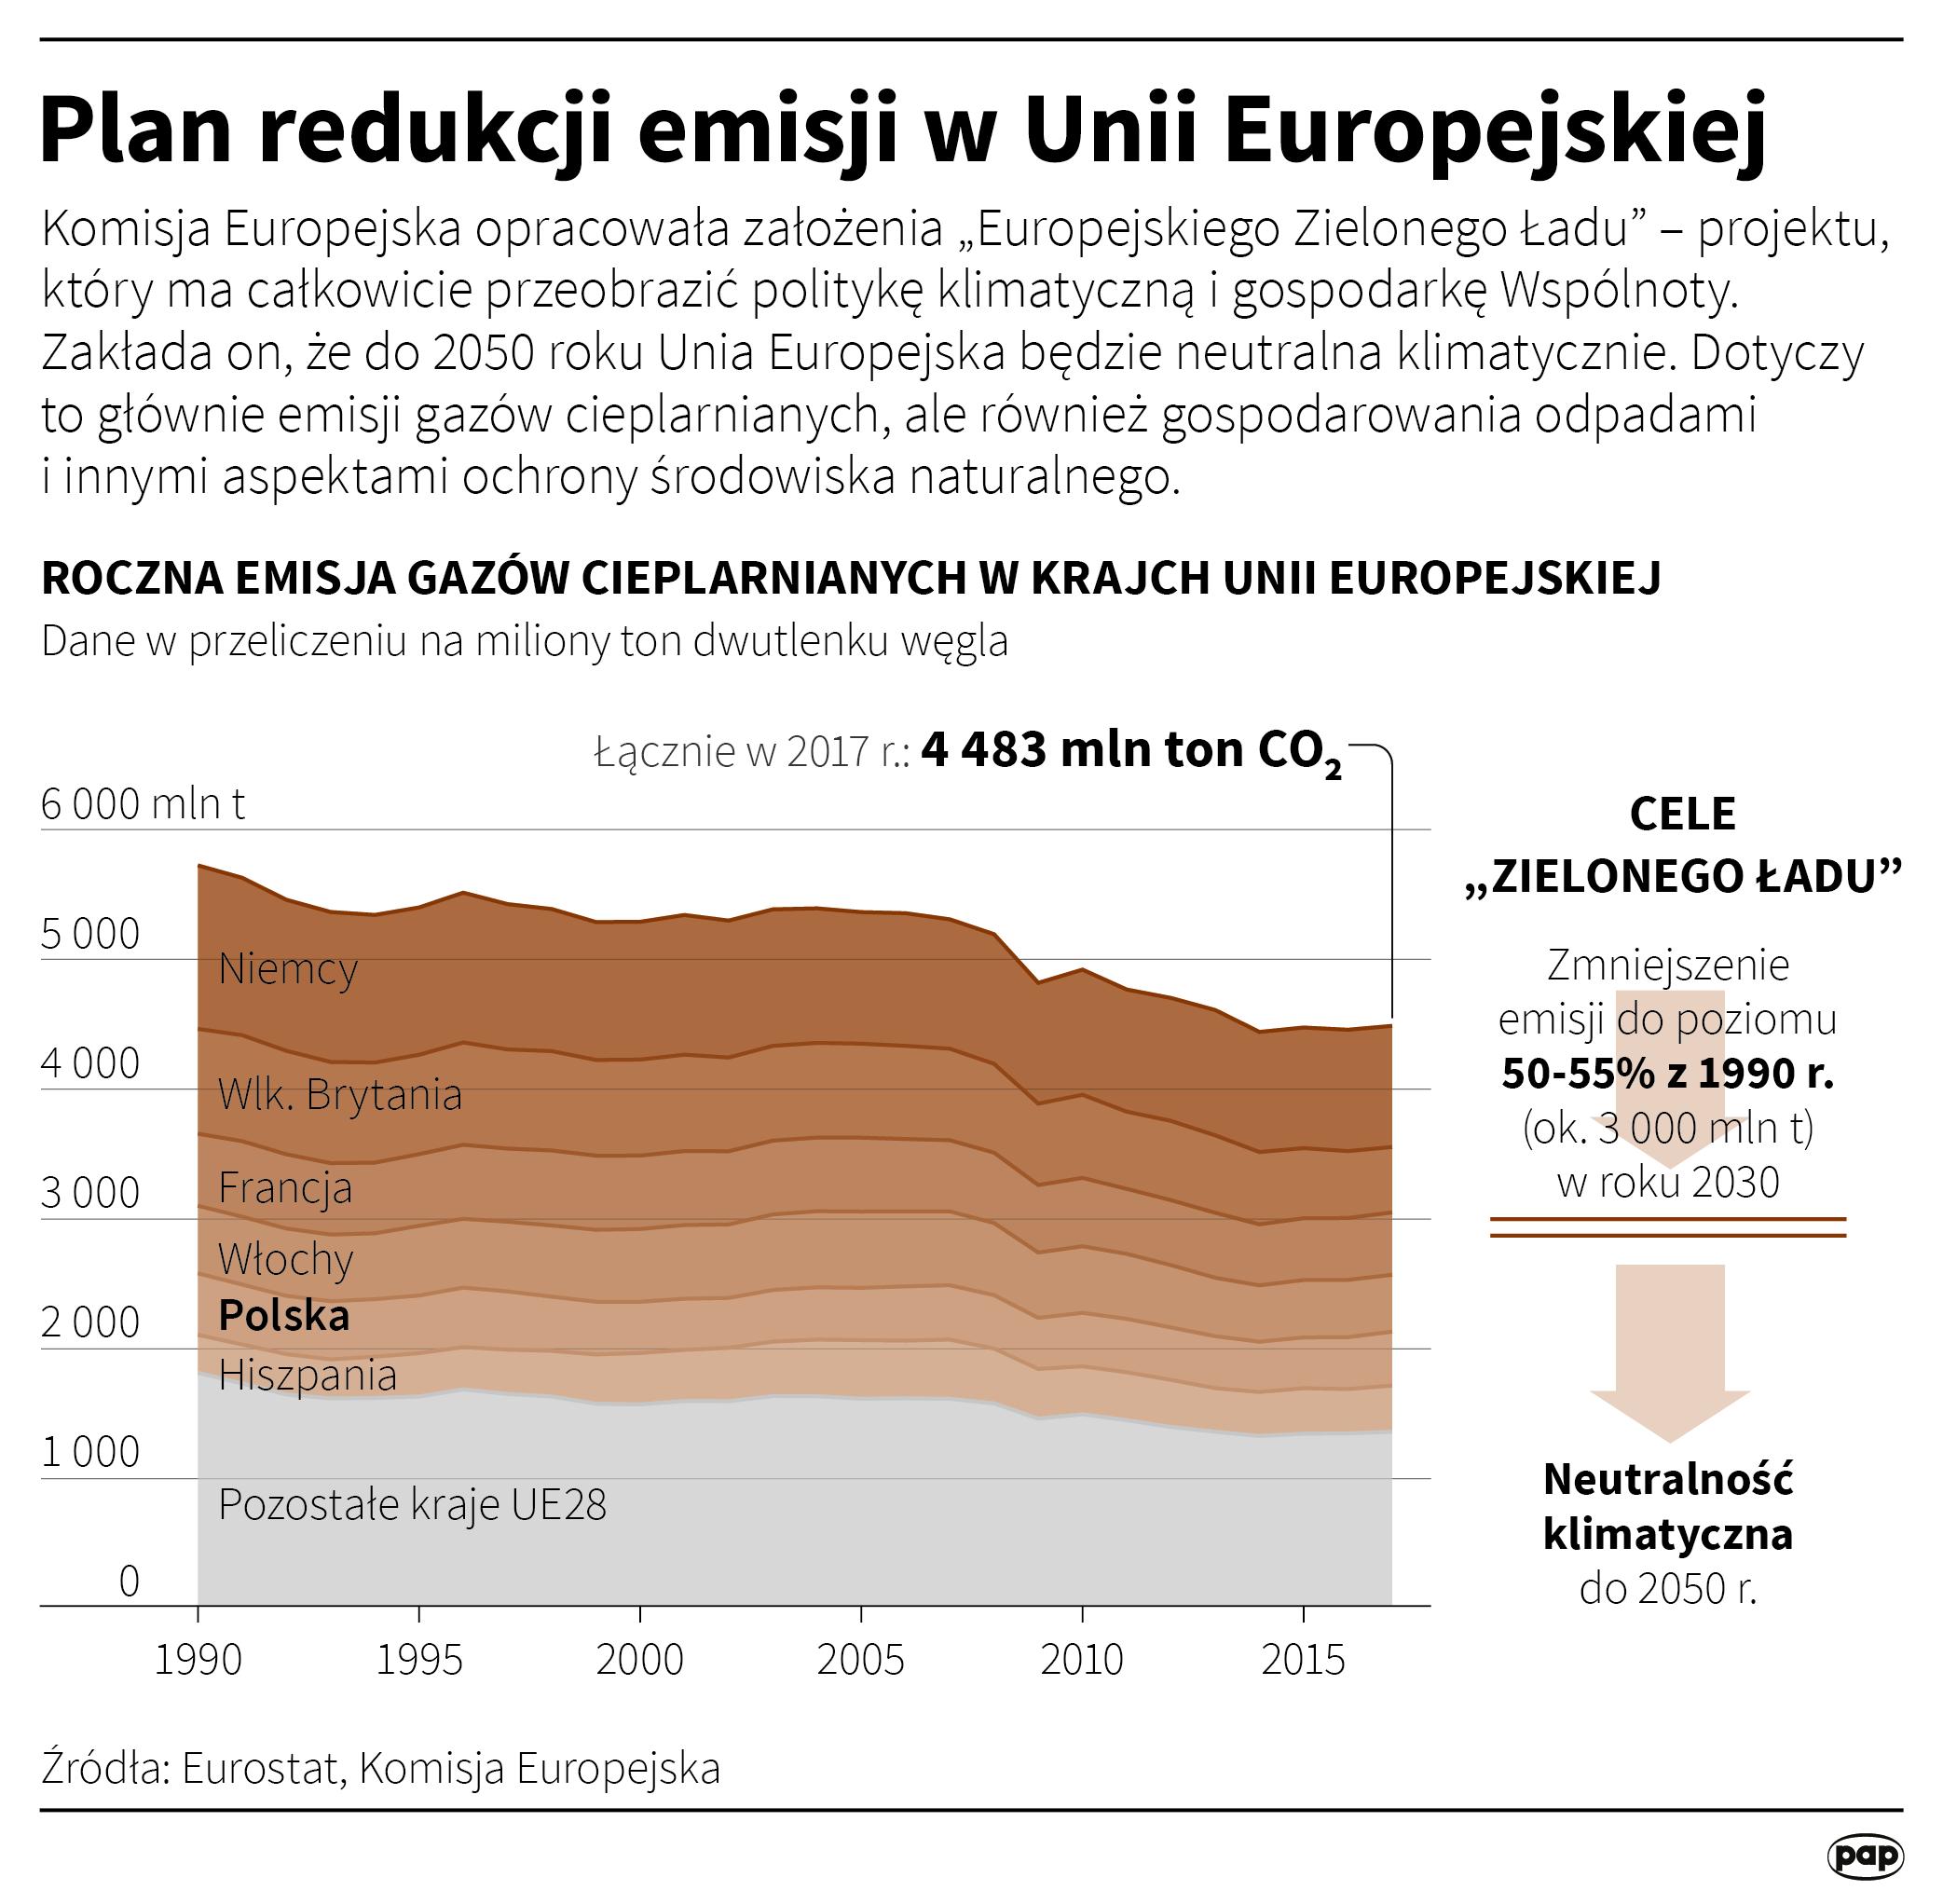 Plan redukcji emisji w Unii Europejskiej